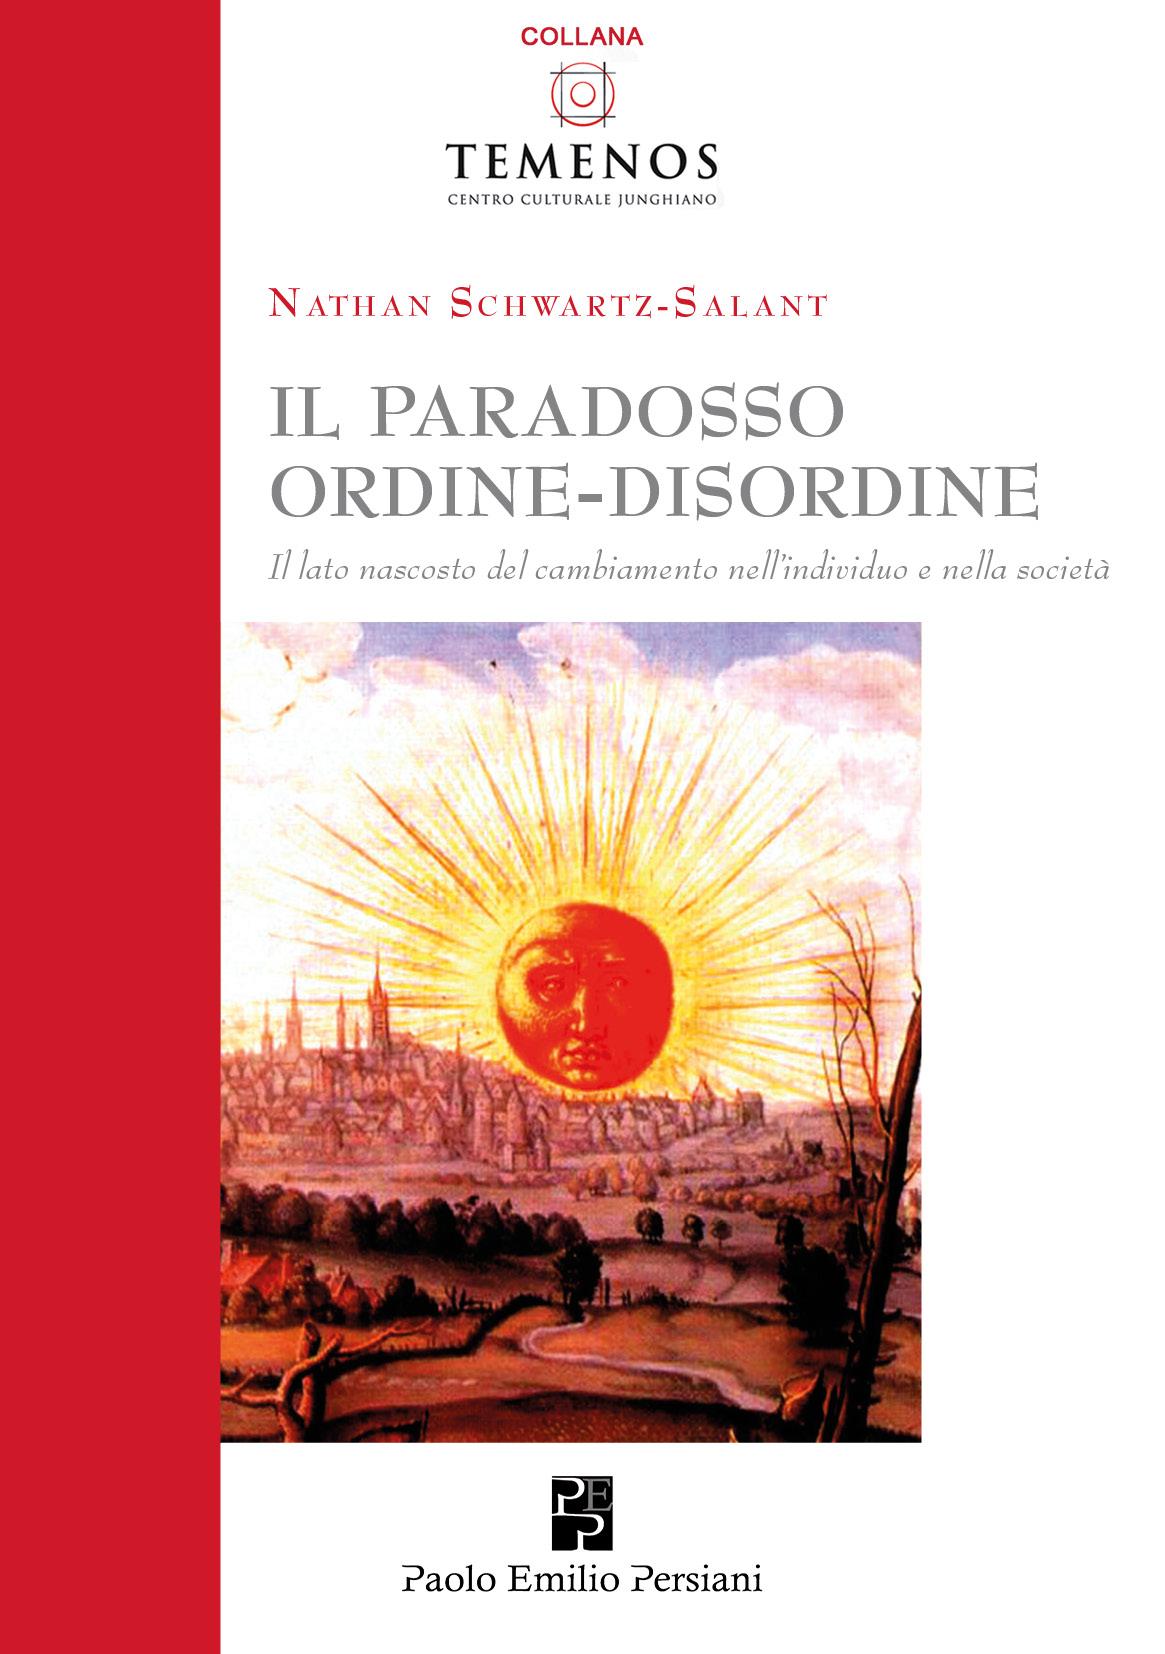 https://www.persianieditore.com/wp-content/uploads/2019/11/Il-paradosso-ordine-disordine_cover.jpg